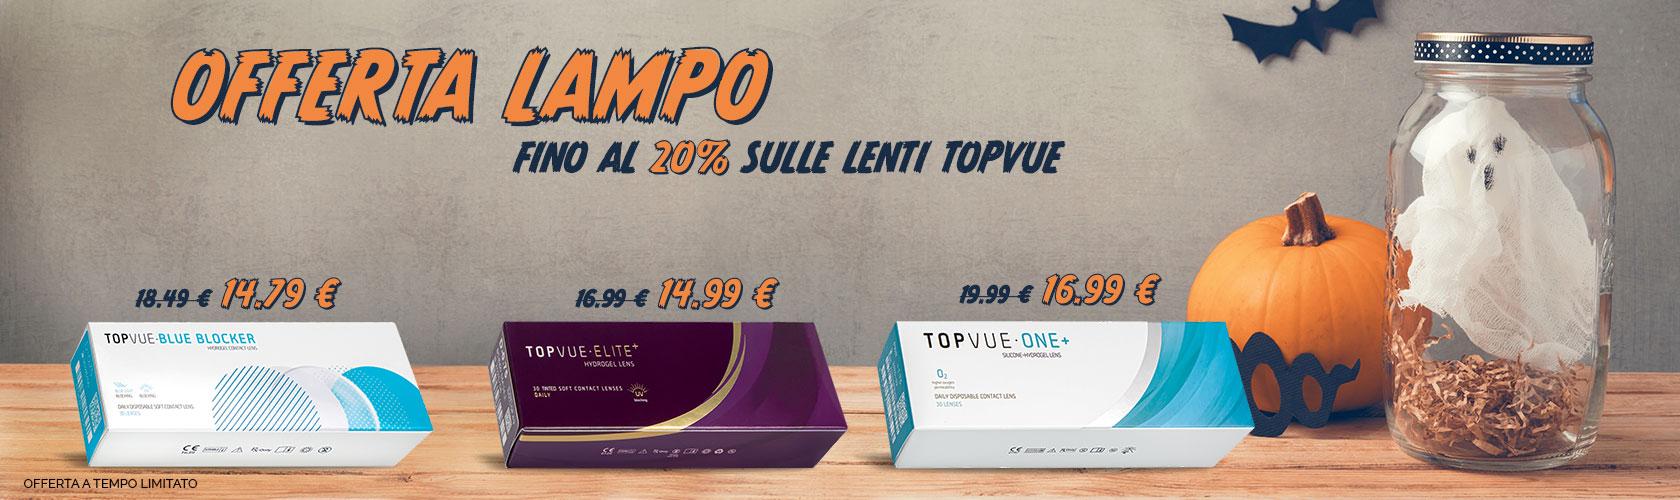 20% topvue